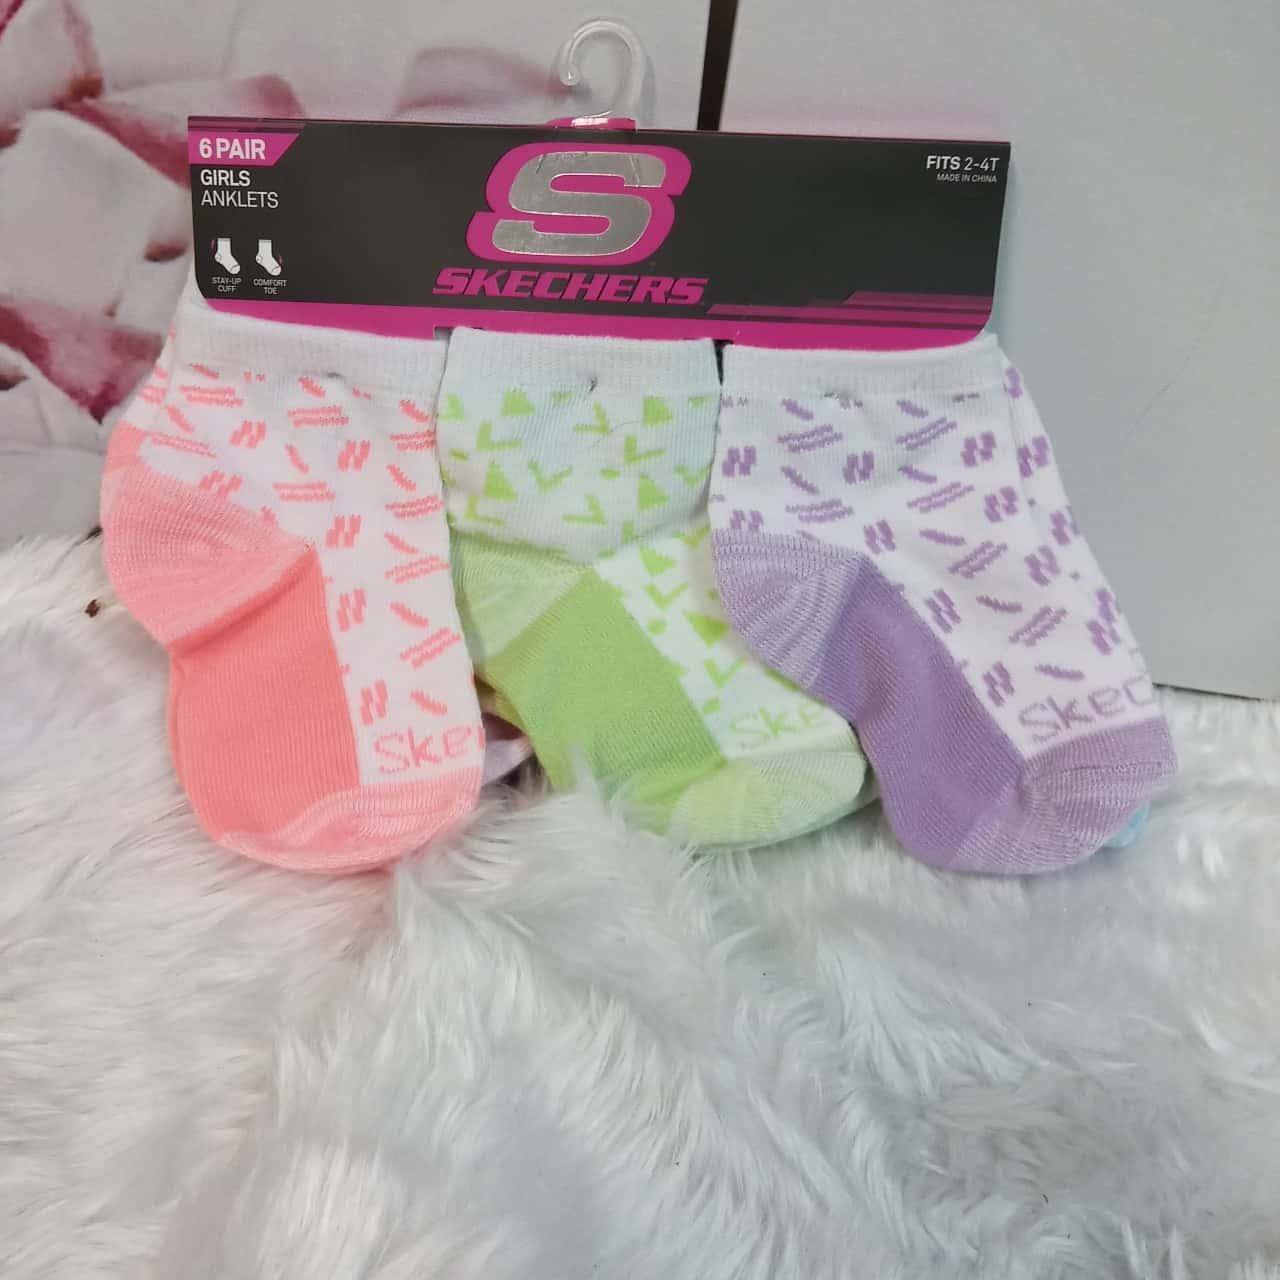 Girls Skechers Socks Multicoloured sz 2-4 anklet